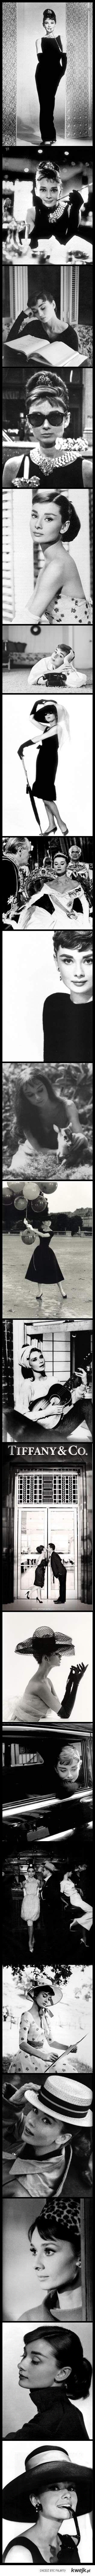 Audrey Hepburn (born Audrey Kathleen Ruston; 4 May 1929 - 20 January 1993).